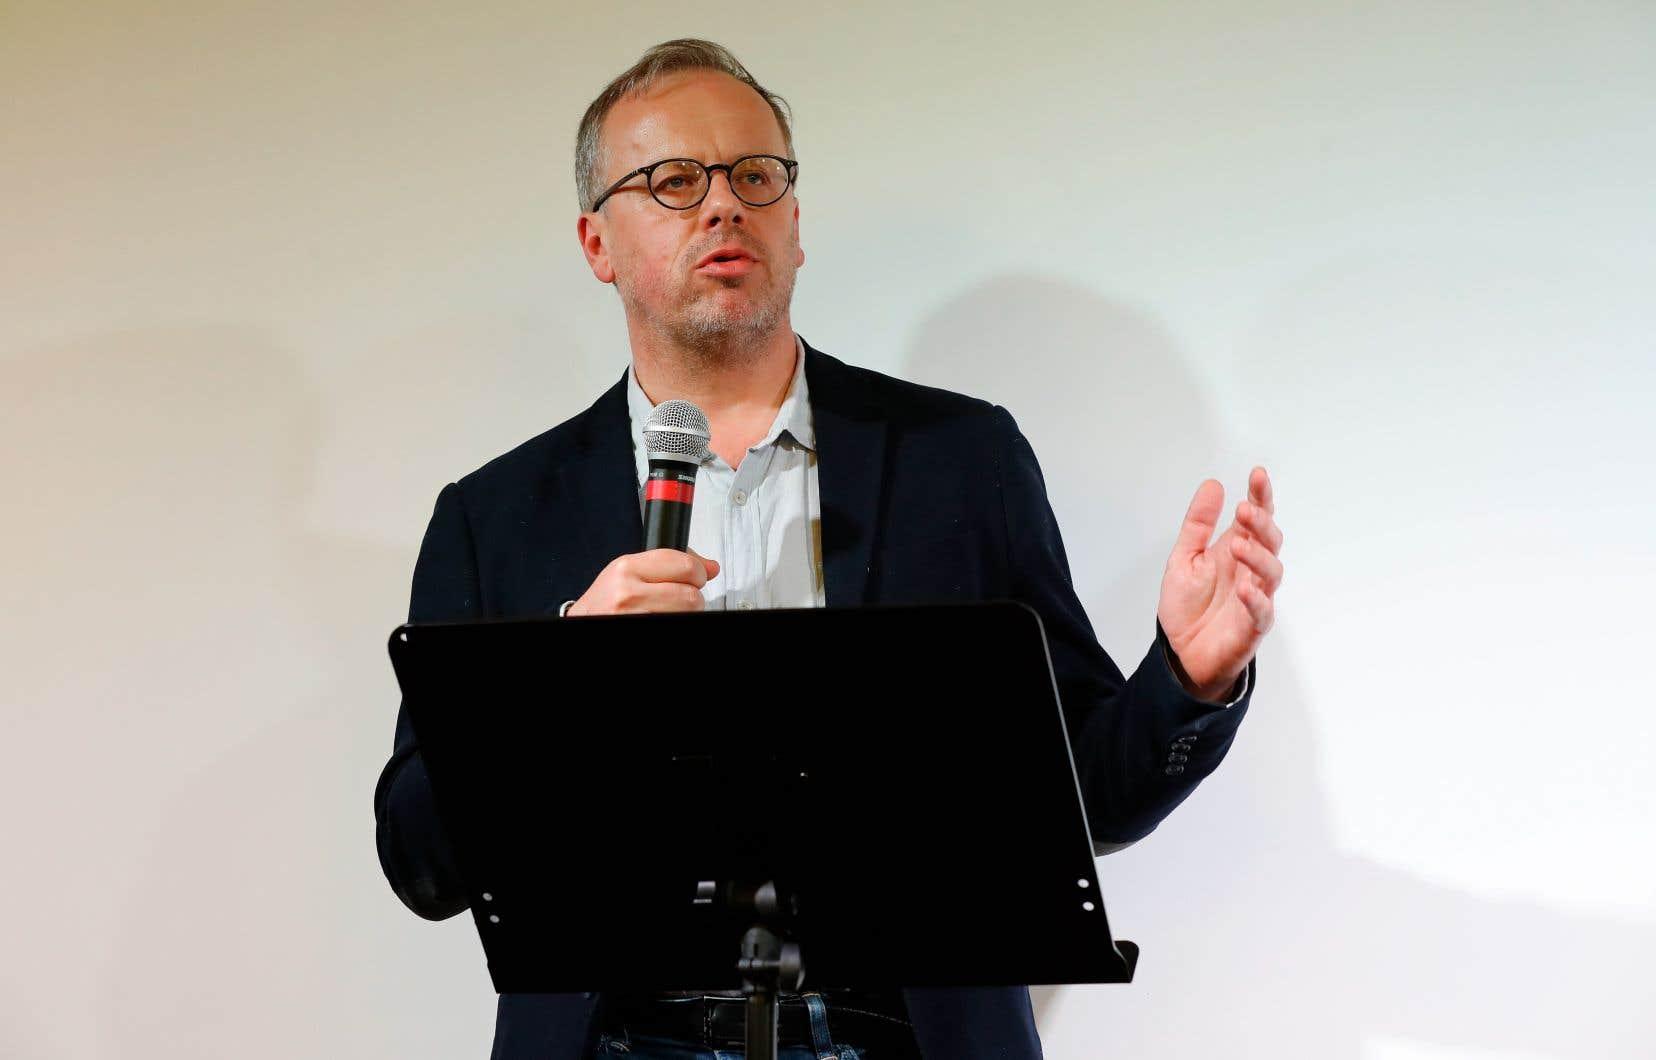 Le secrétaire général de Reporters sans frontières, Christophe Deloire